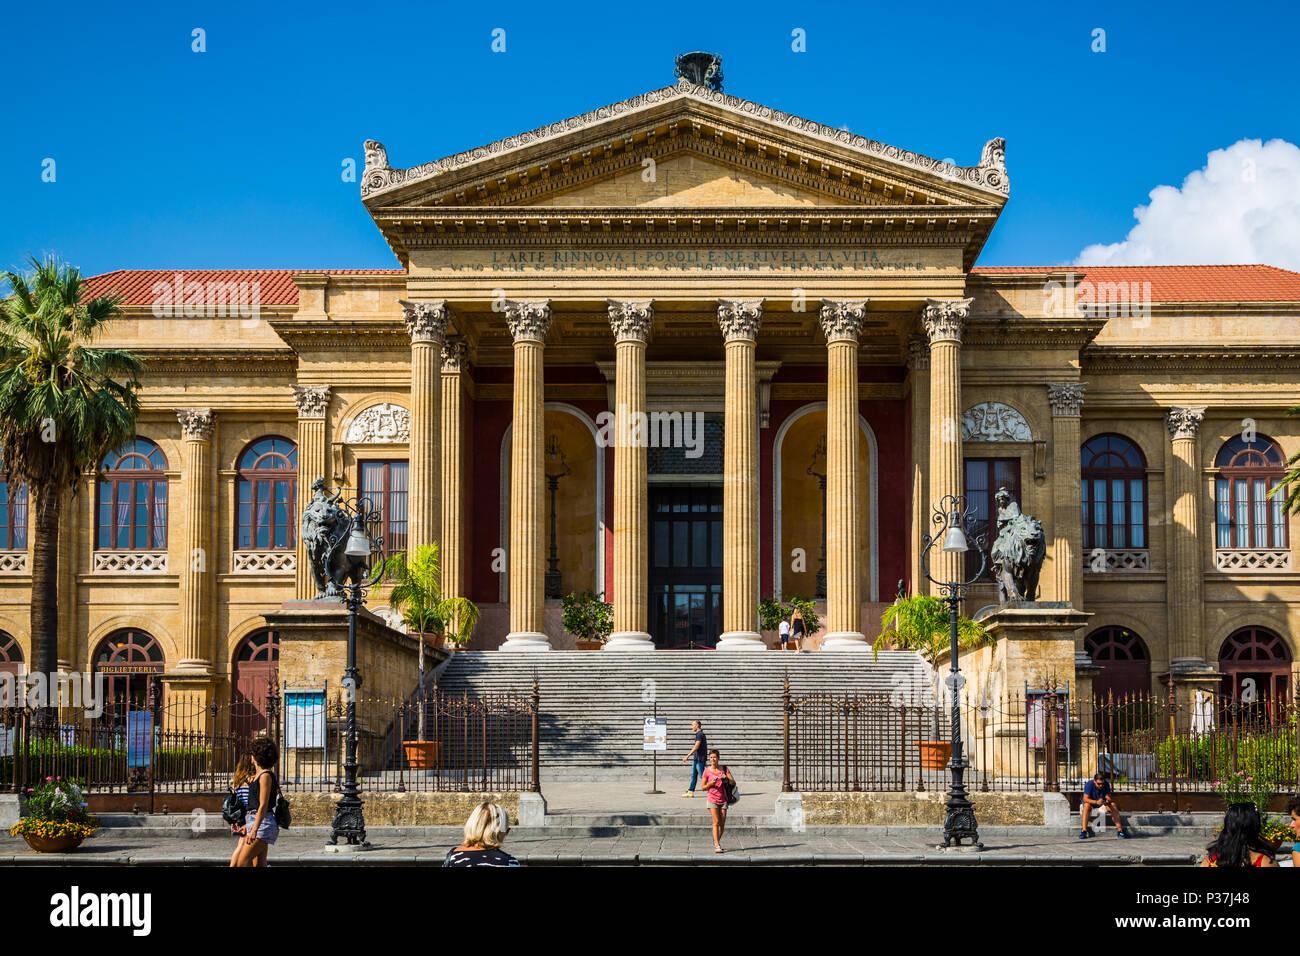 Vista del Teatro Massimo de Palermo, Sicilia, Italia Foto de stock